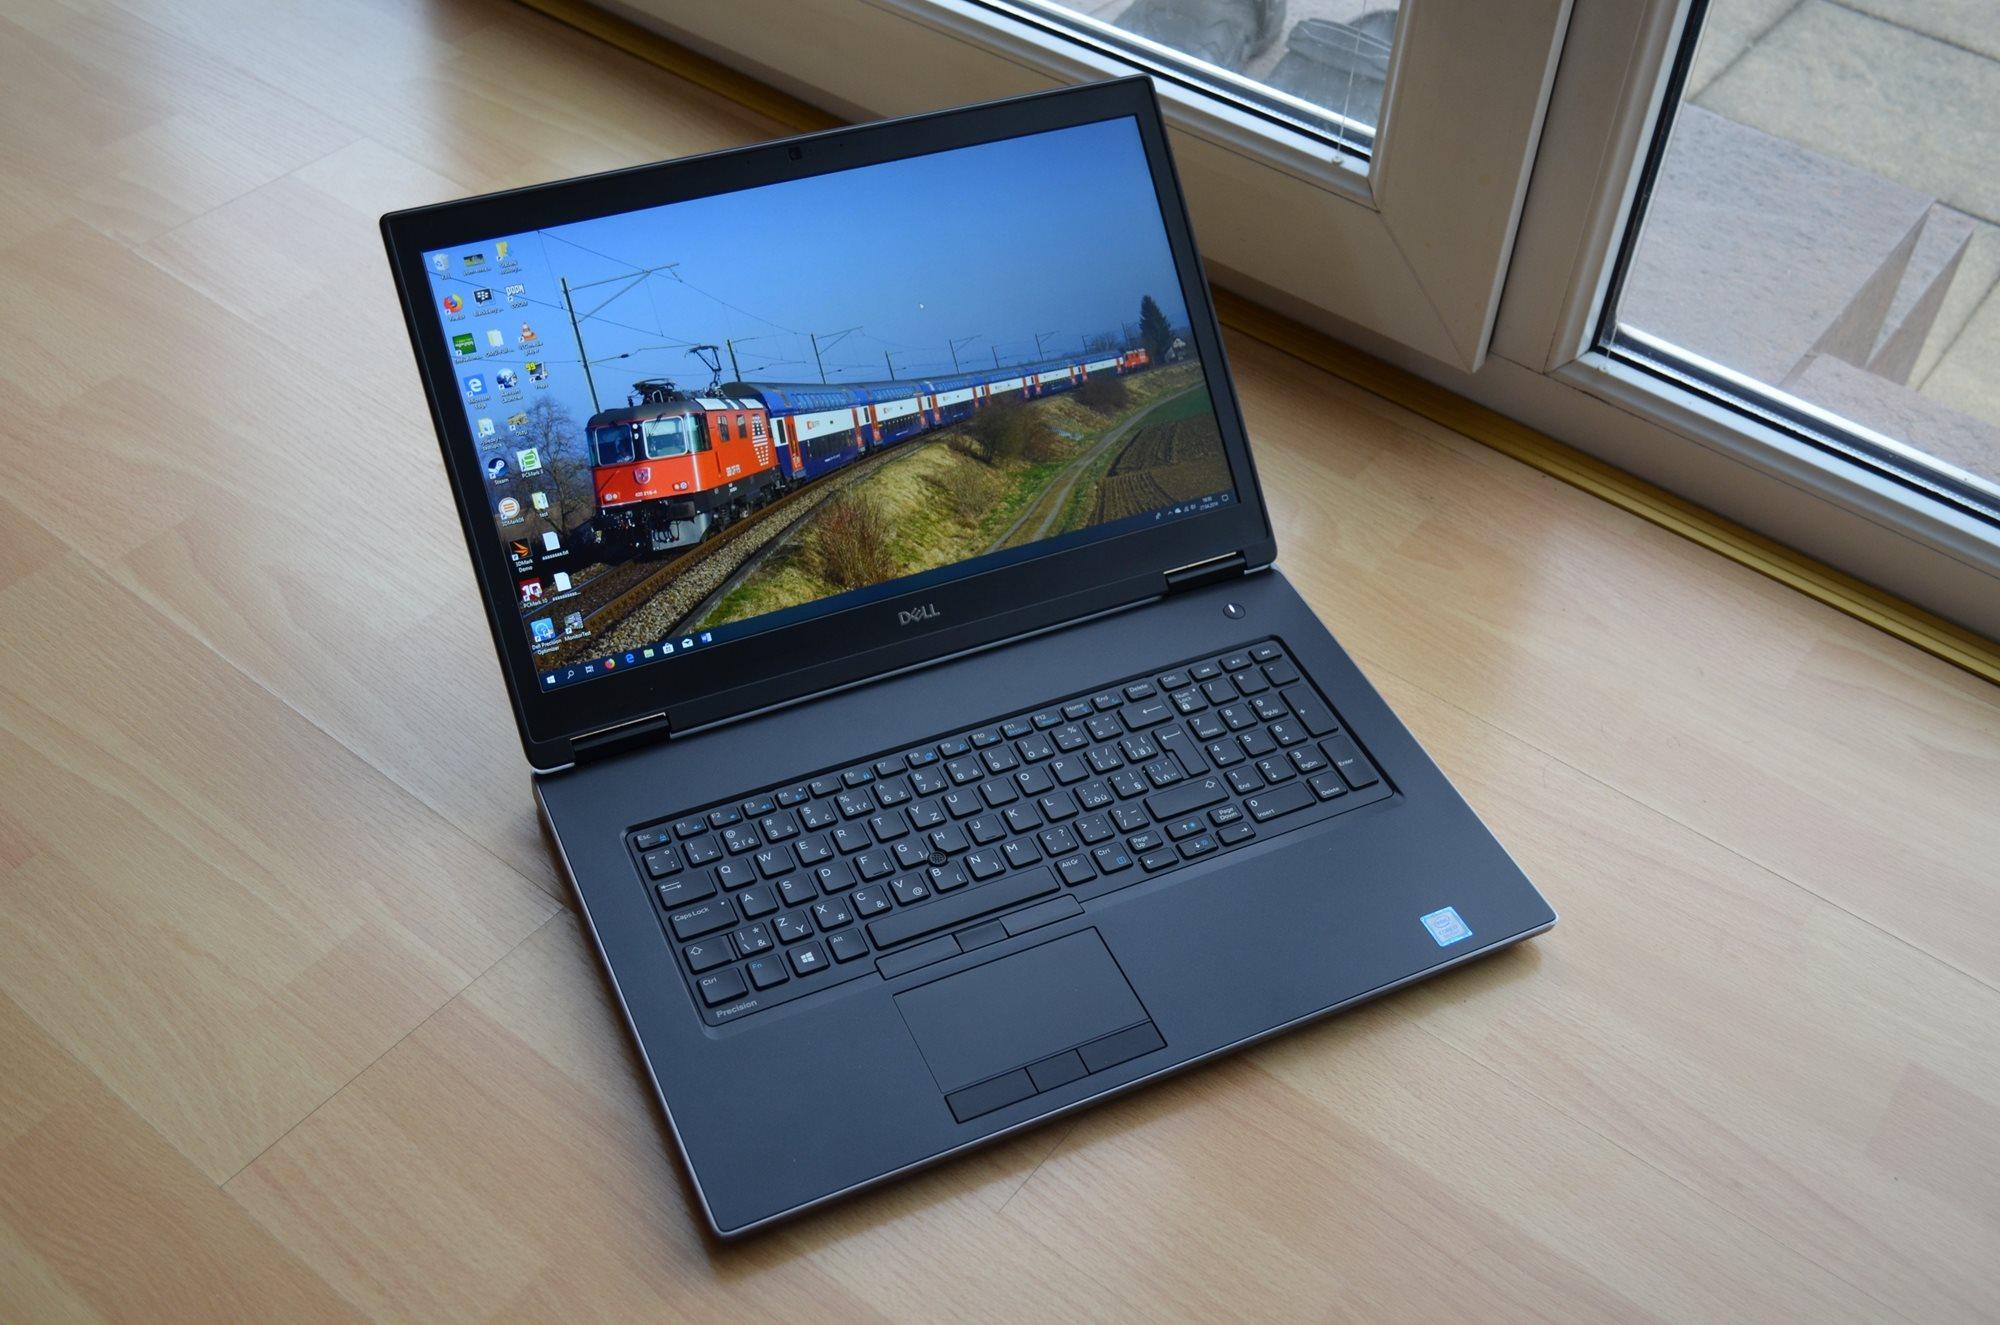 Dell Precision 7730 - Pohled zepředu s plným jasem obrazovky.